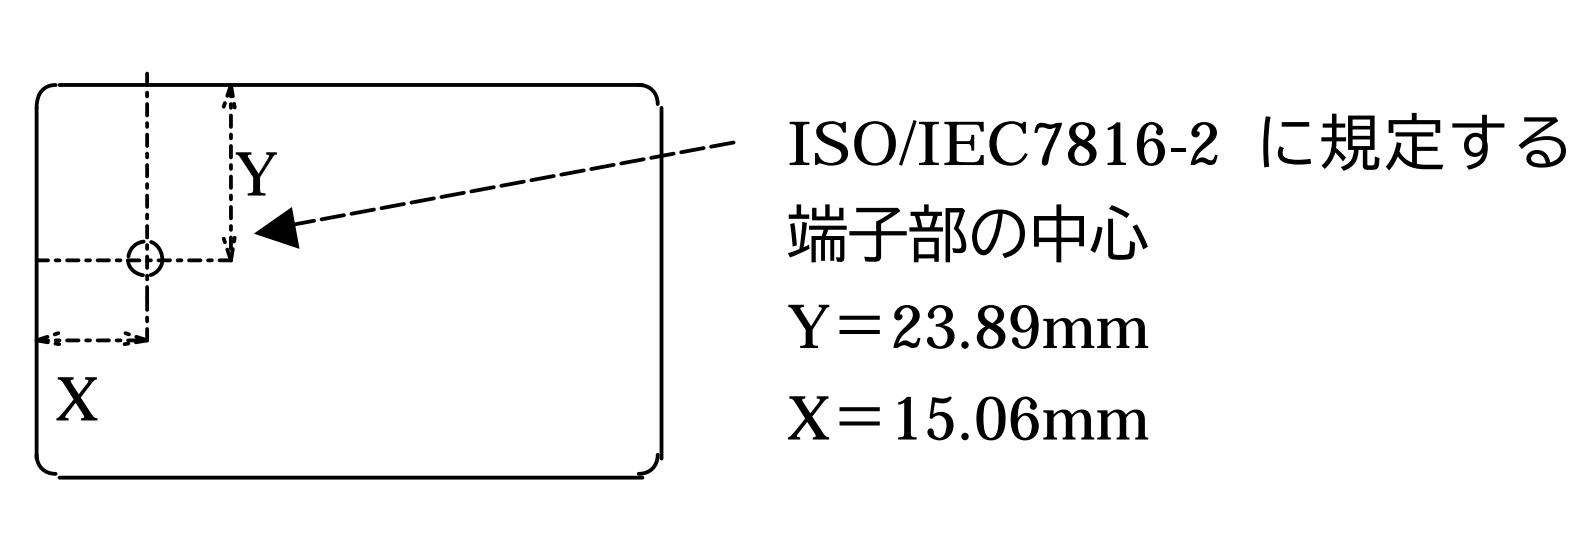 ICチップの位置(近接型通信インタフェース実装規約書)